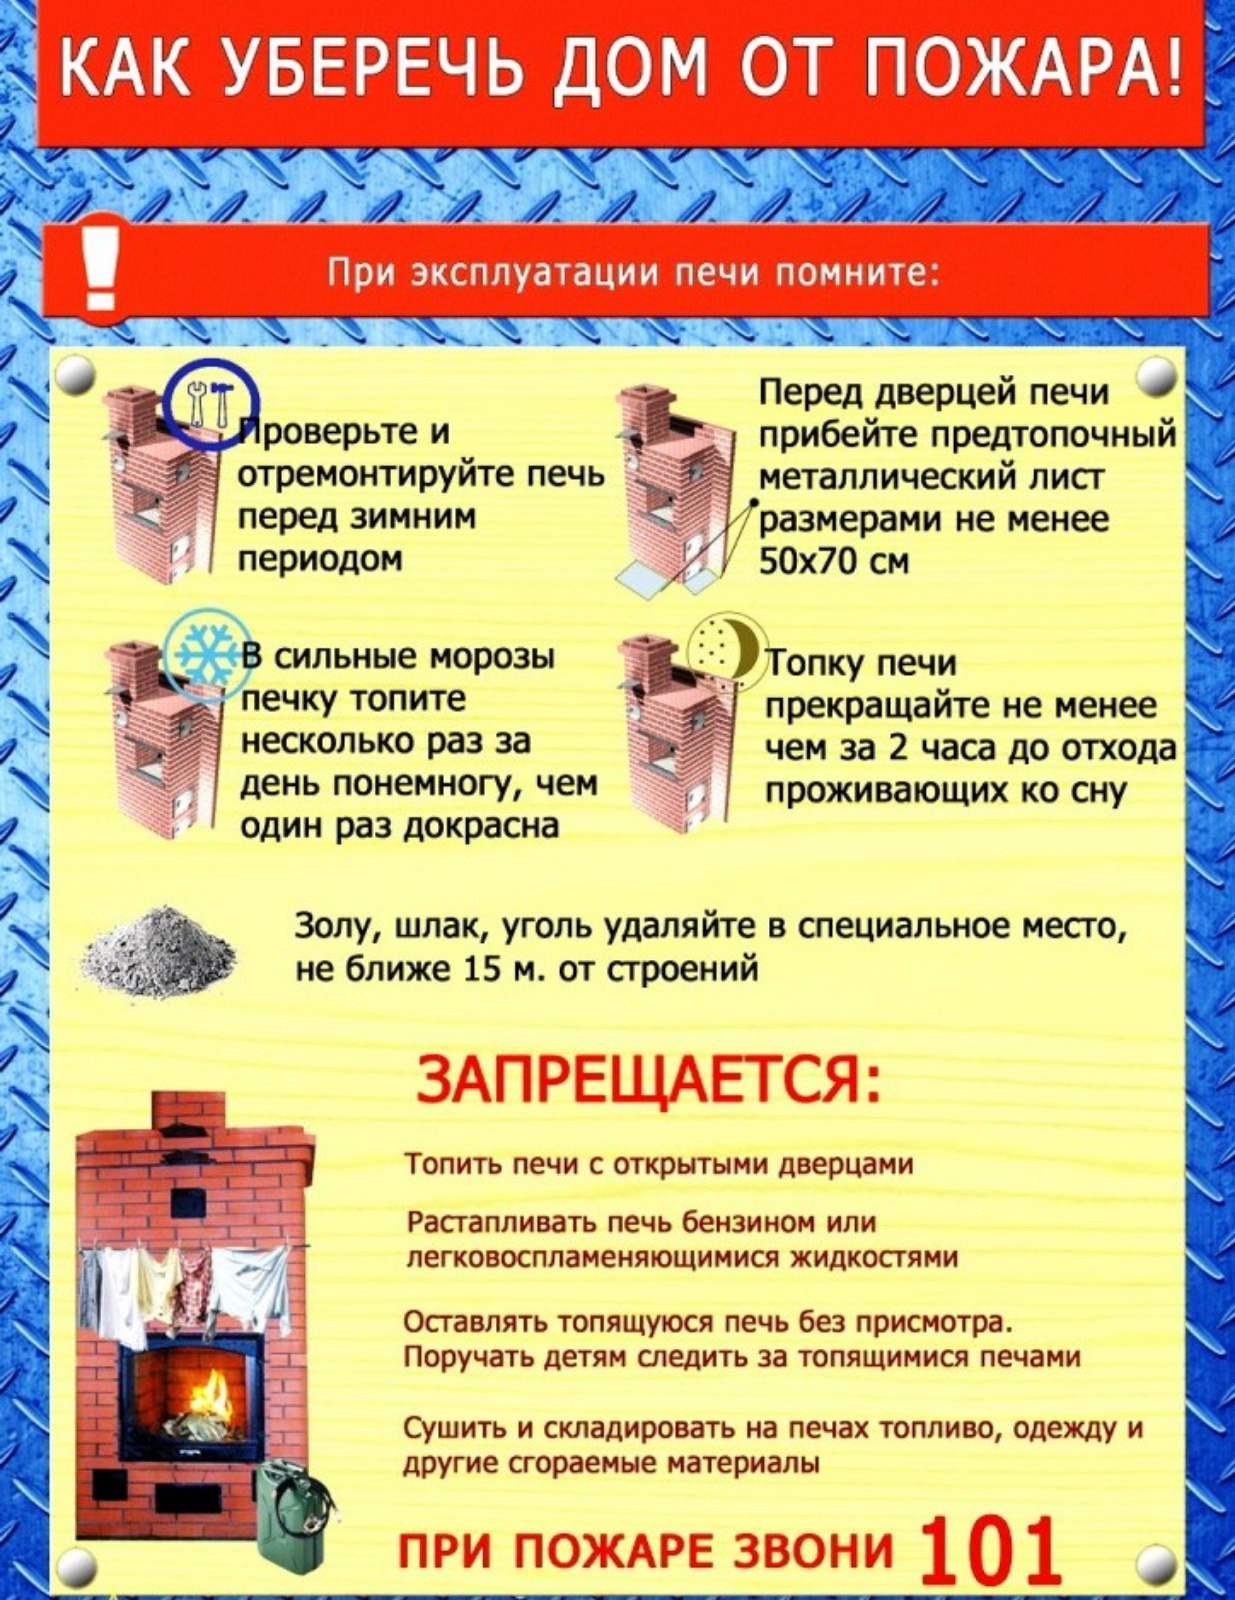 изображение_viber_20120-09-14_18-35-41